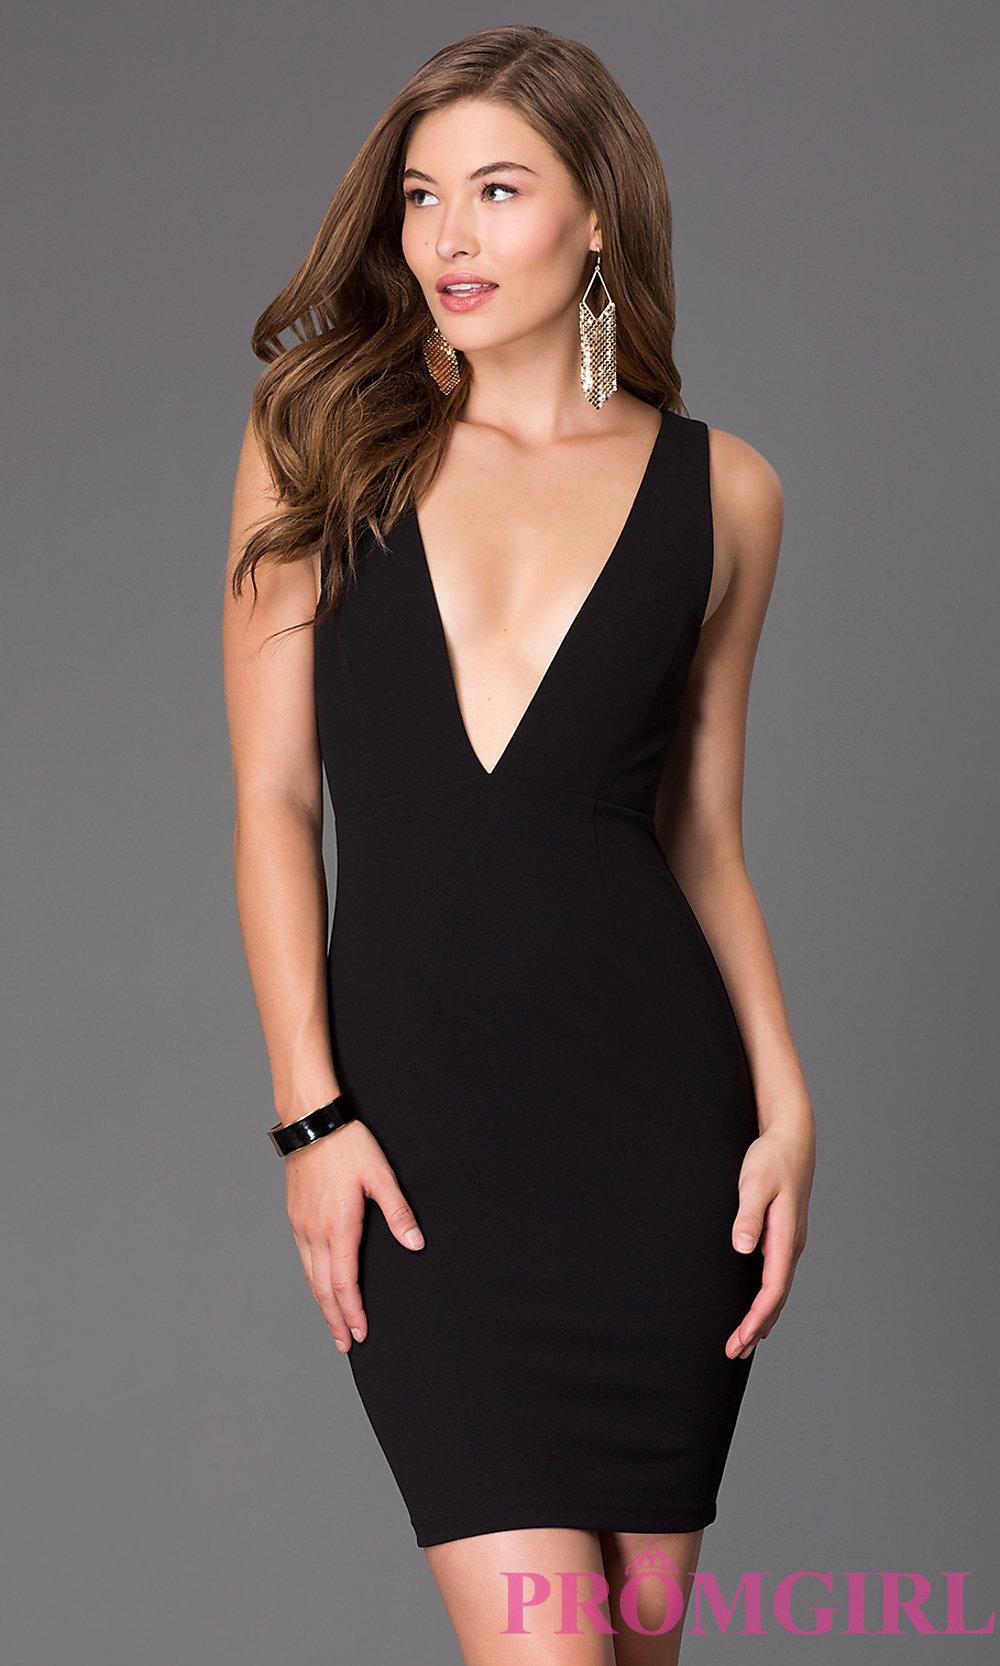 Plunging Neckline Maxi Dress | Plunging Neckline Wedding Gowns | Plunging Neckline Dress